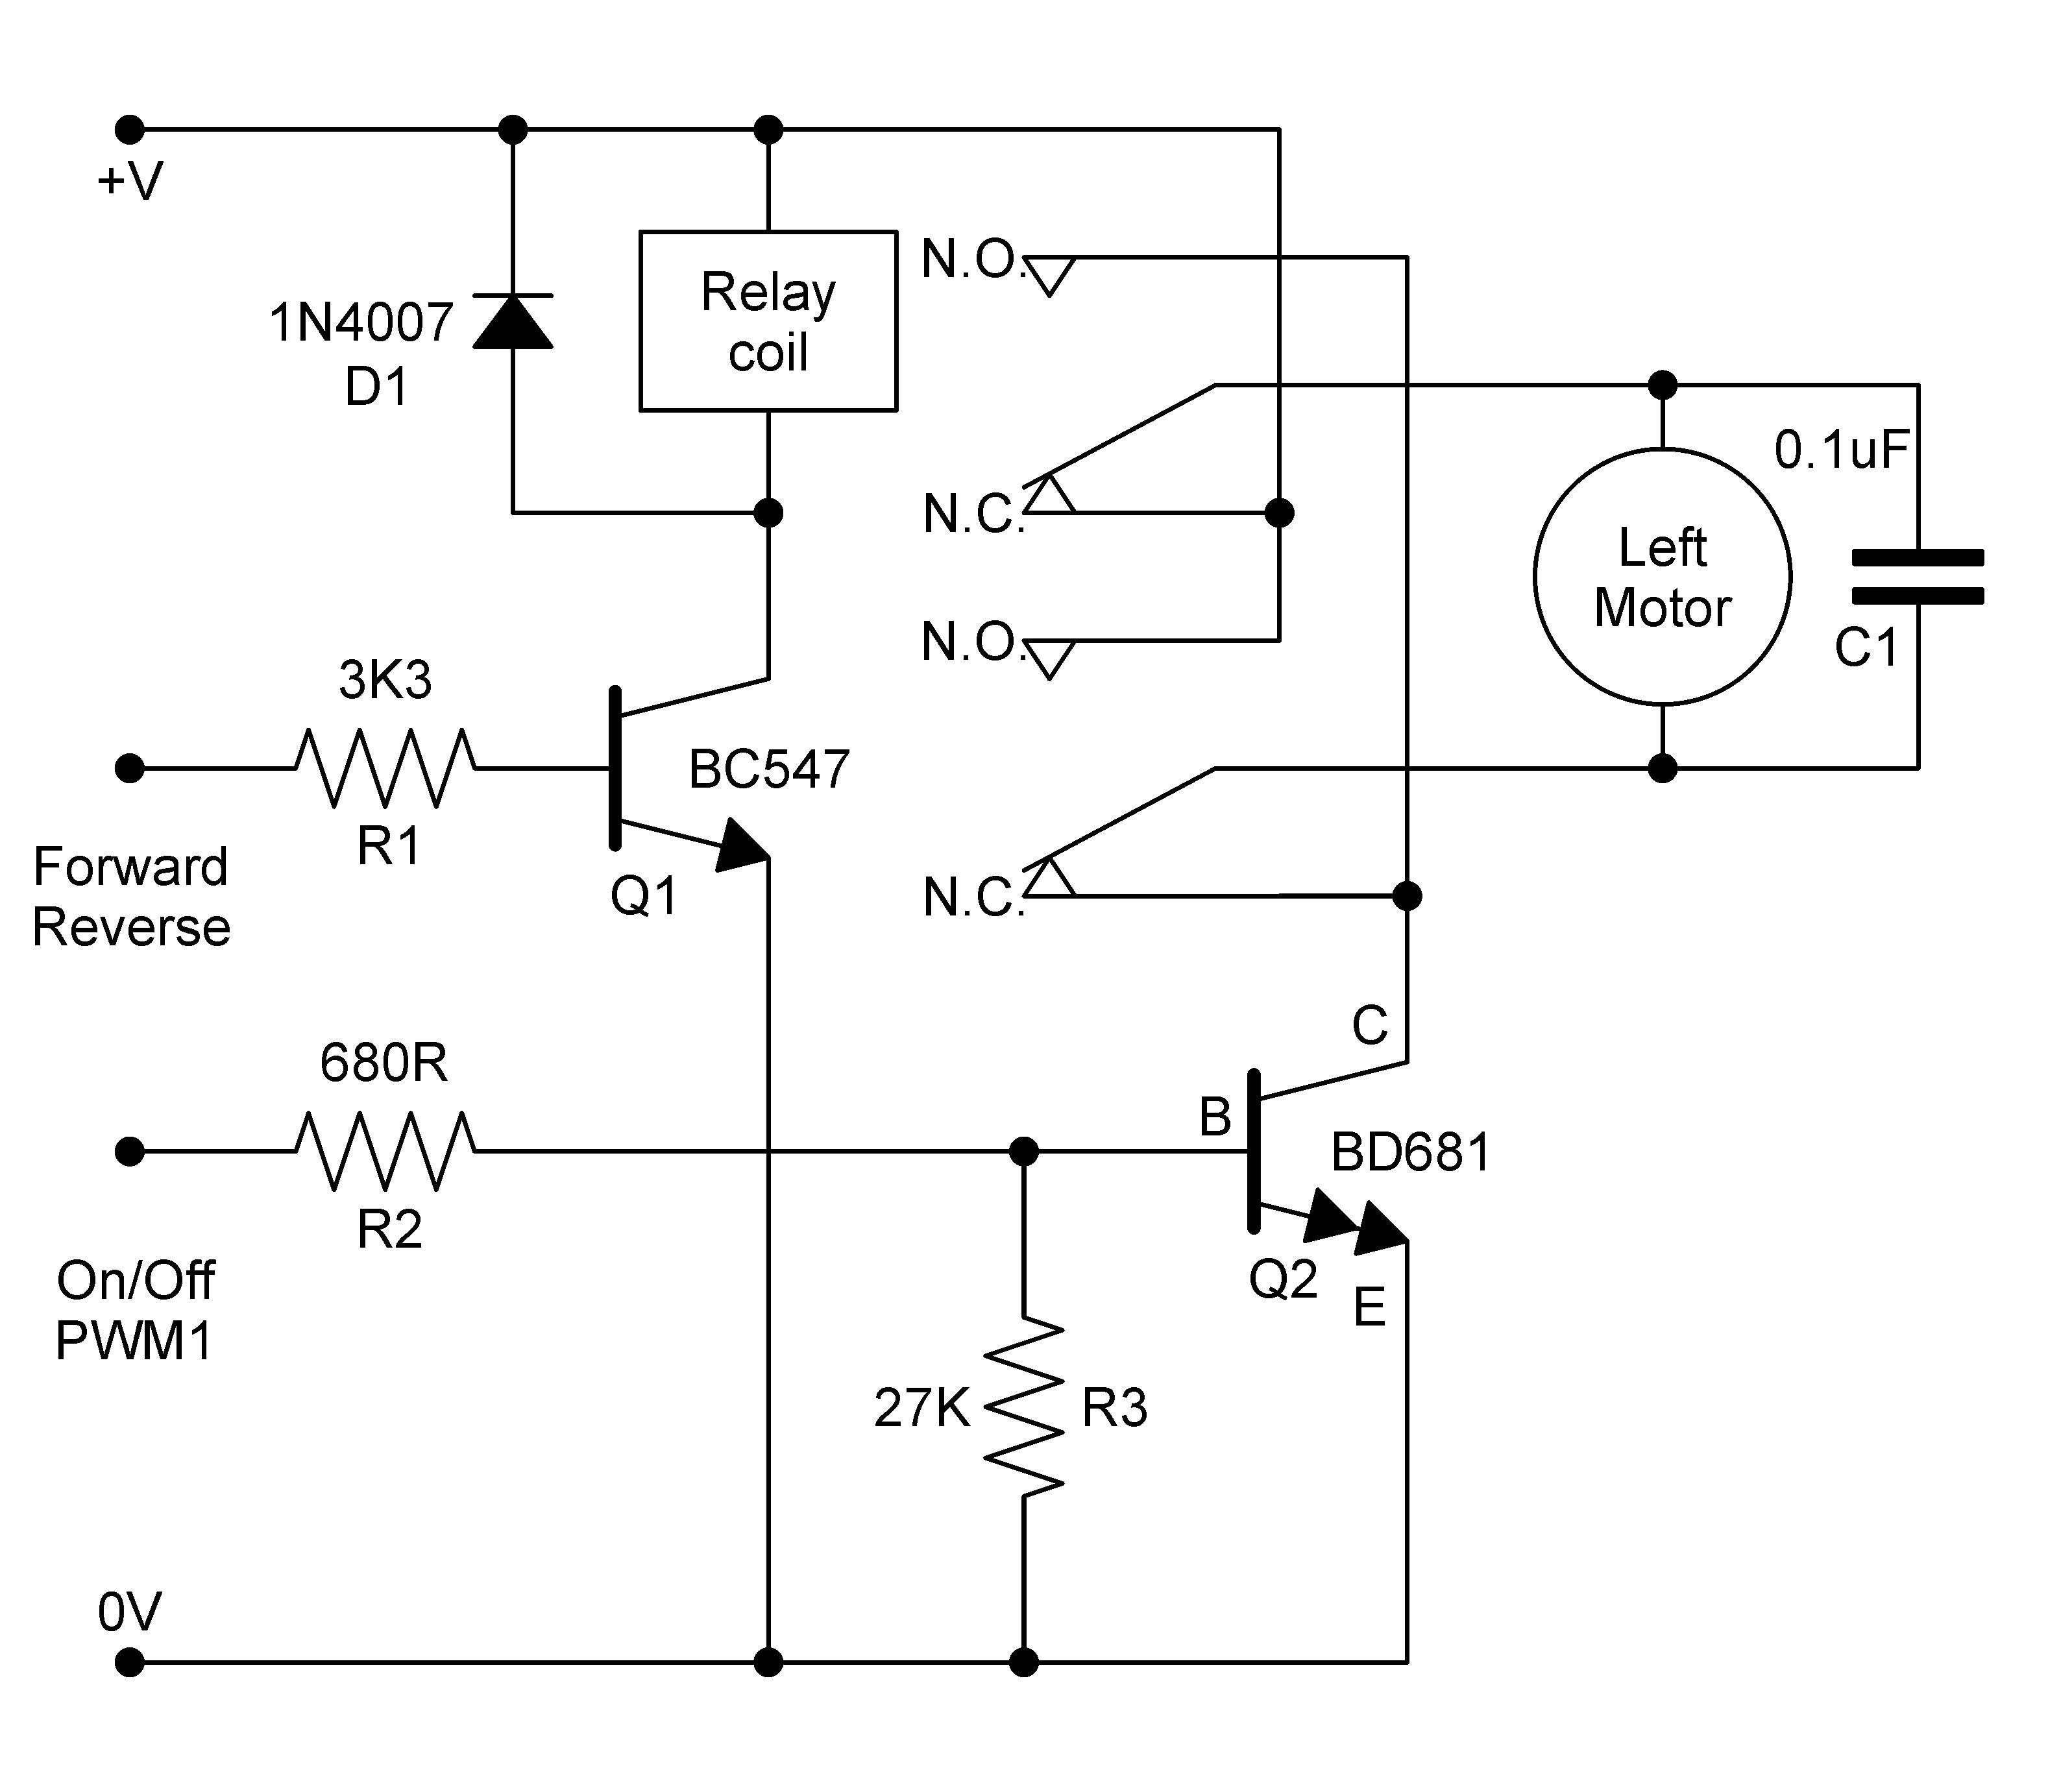 medium resolution of bridge relay circuit diagram